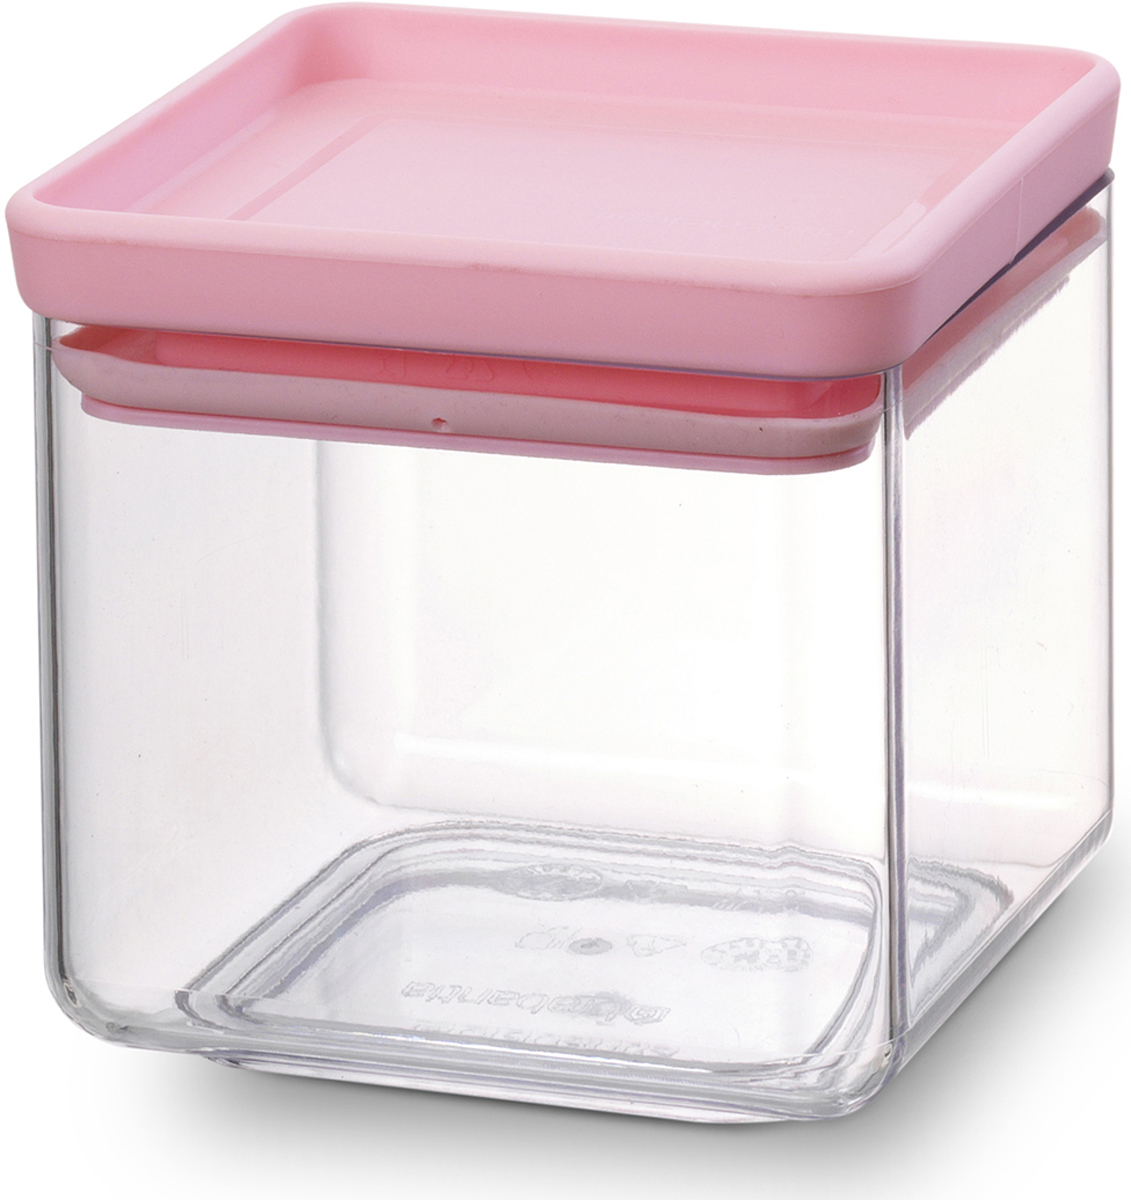 Контейнер для сыпучих продуктов Brabantia Tasty Colors, цвет: прозрачный, розовый, 700 мл. 290060290060_розовыйКонтейнер для сыпучих продуктов Brabantia Tasty Colors изготовлен из высококачественного пластика и предназначен для хранения сыпучих продуктов. Изделие имеет крышку с силиконовым уплотнителем, благодаря которому продукты надолго сохраняют свежесть и аромат. Преимущества: Хорошо видно содержимое и его количество Можно мыть в посудомоечной машине Прозрачный материал, благодаря которому видно содержимое контейнера.Занимает мало места - контейнеры имеют прямоугольную форму и составляются один на другой. Размеры: 11 х 10,5 х 11 см.